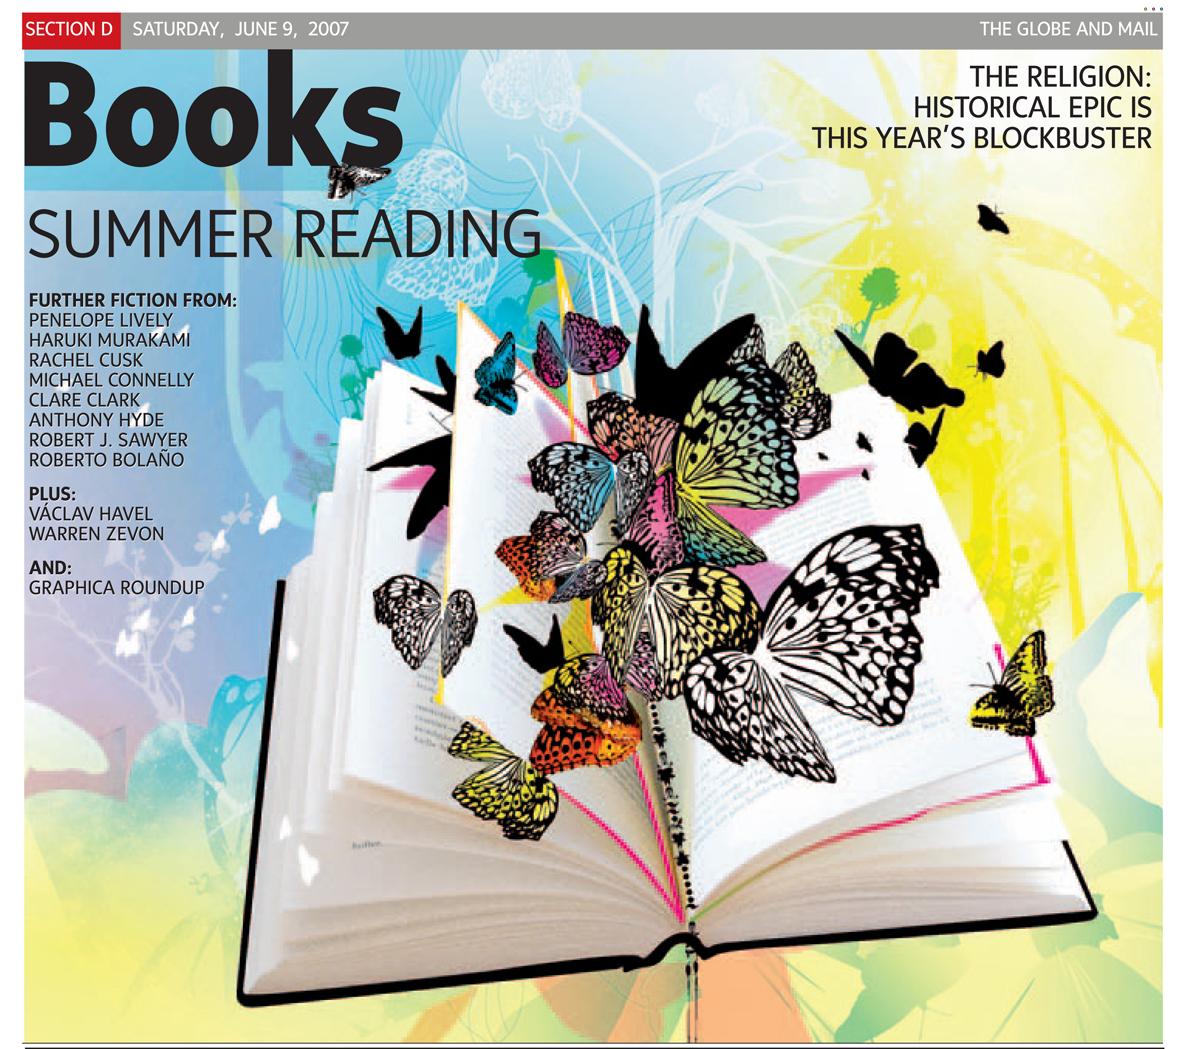 books_summerreading.jpg